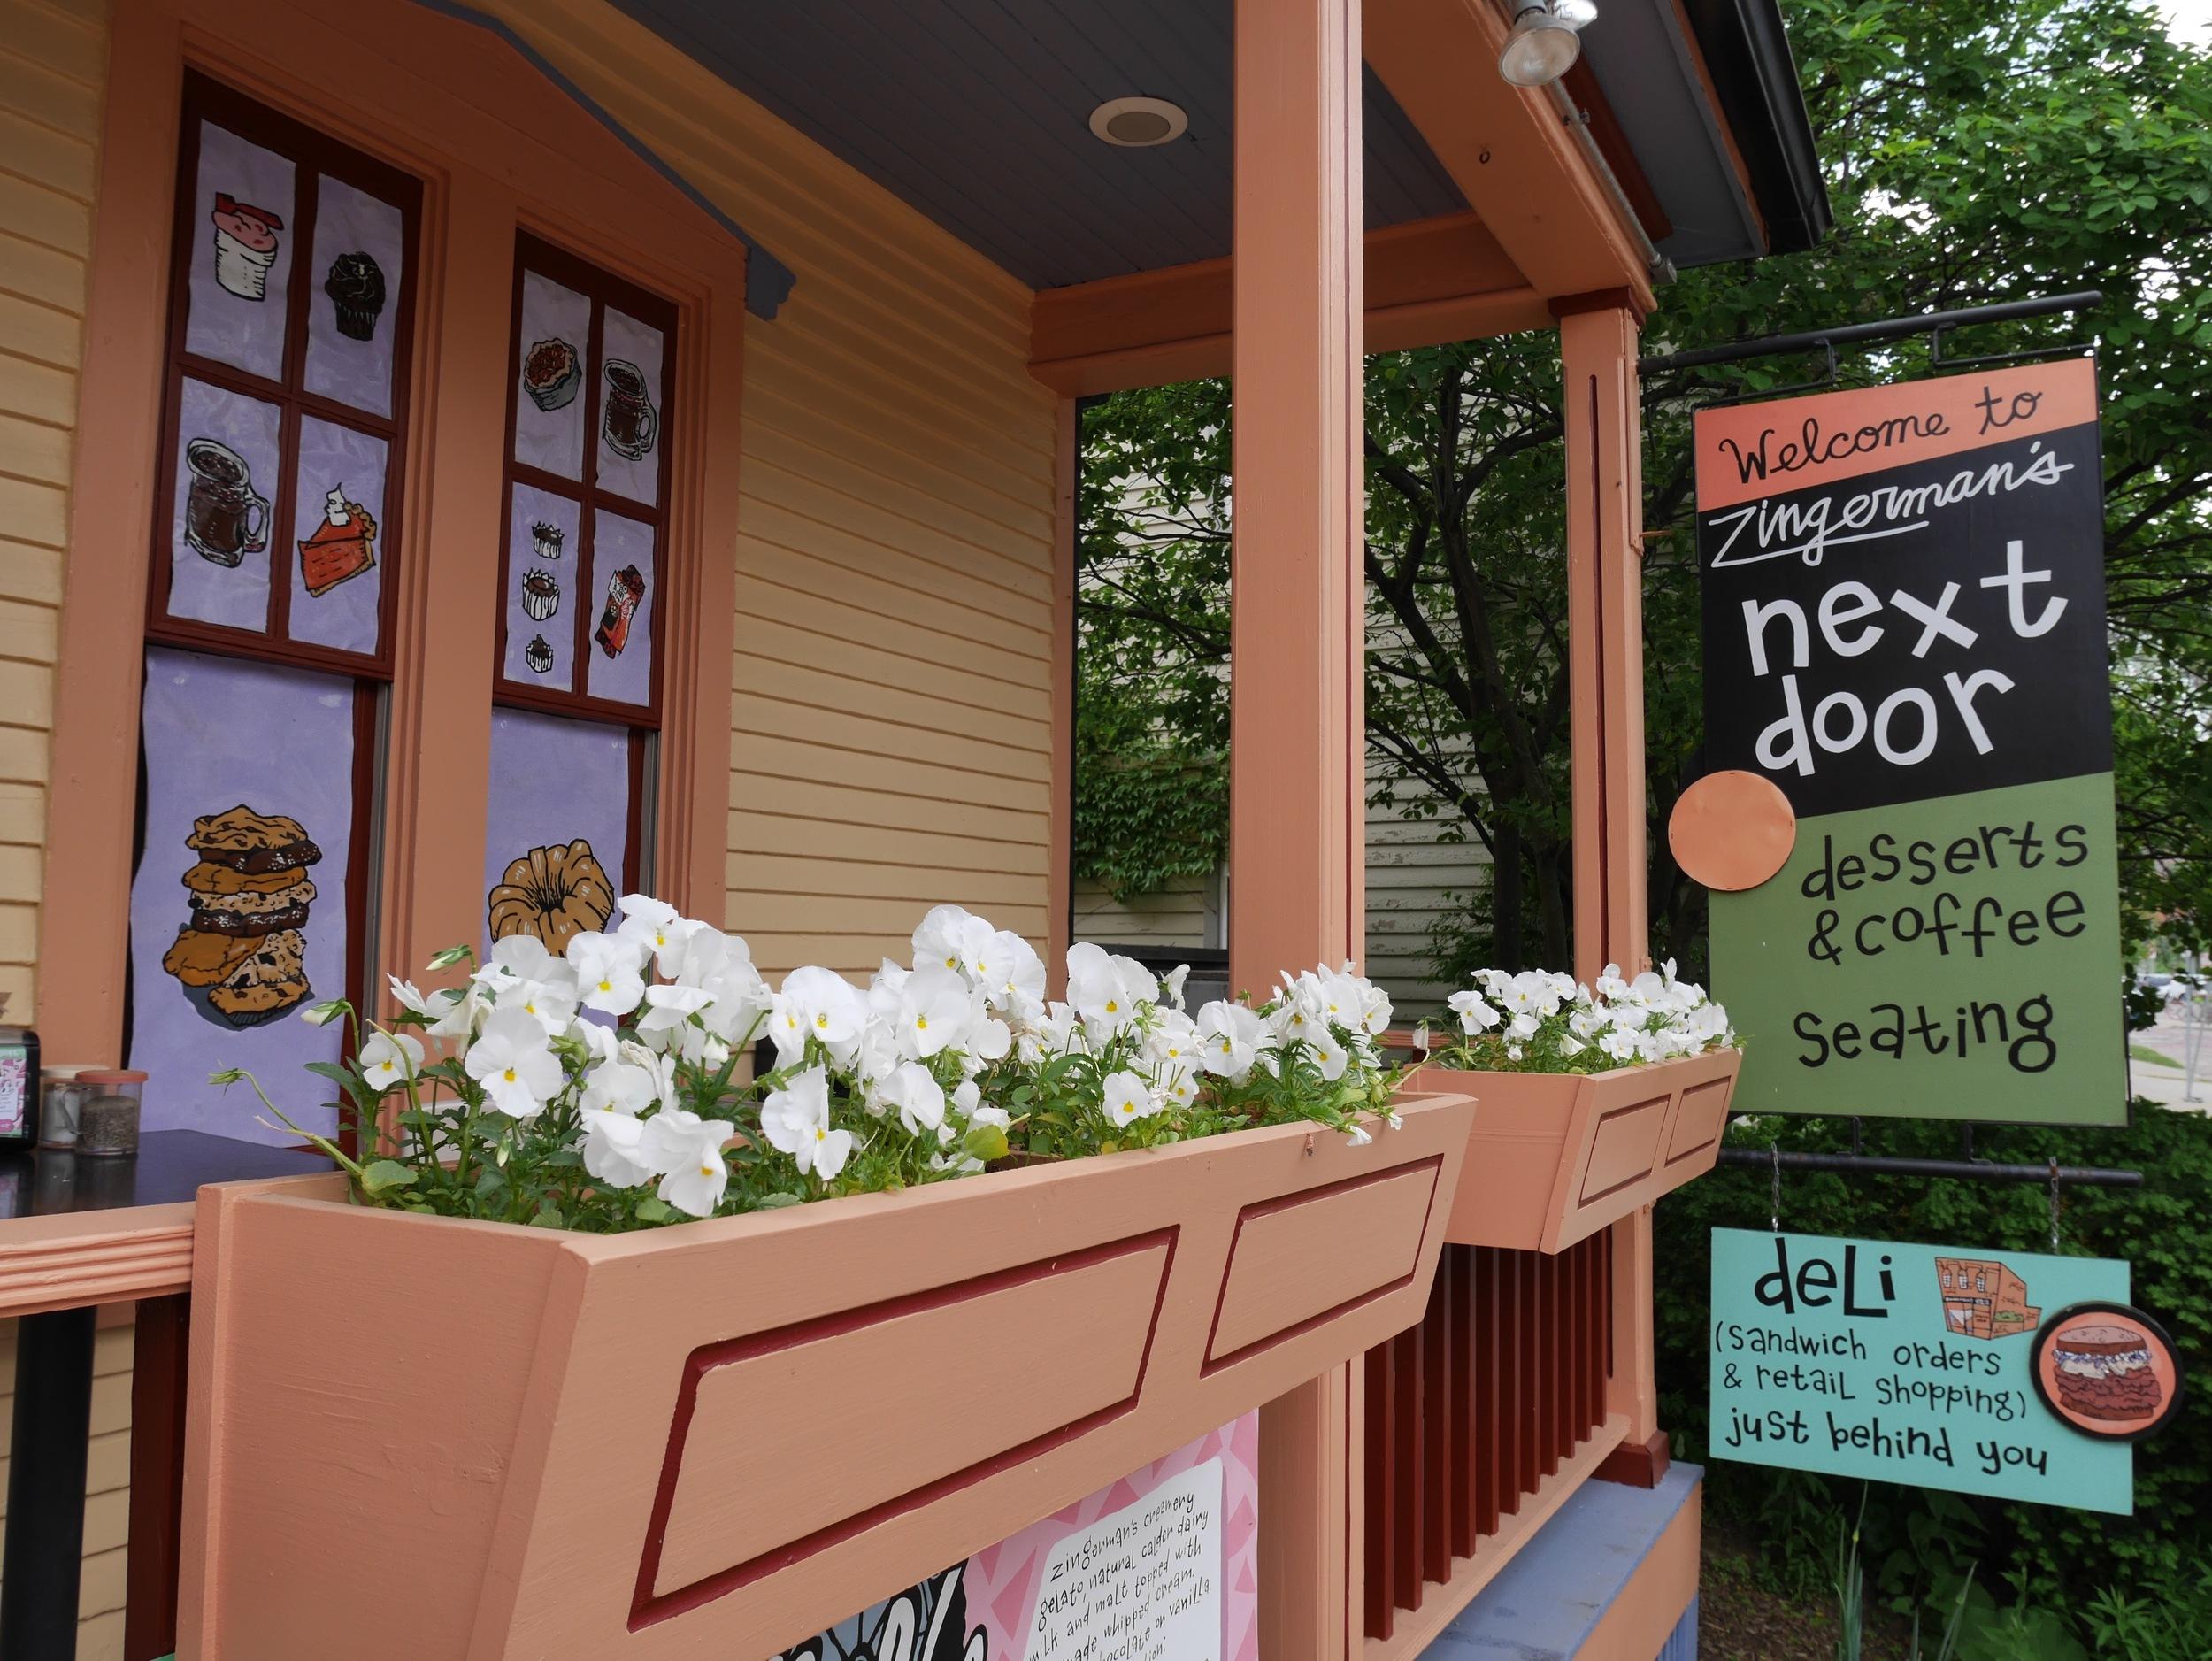 Zingerman's Next Door. . . try the gelato...